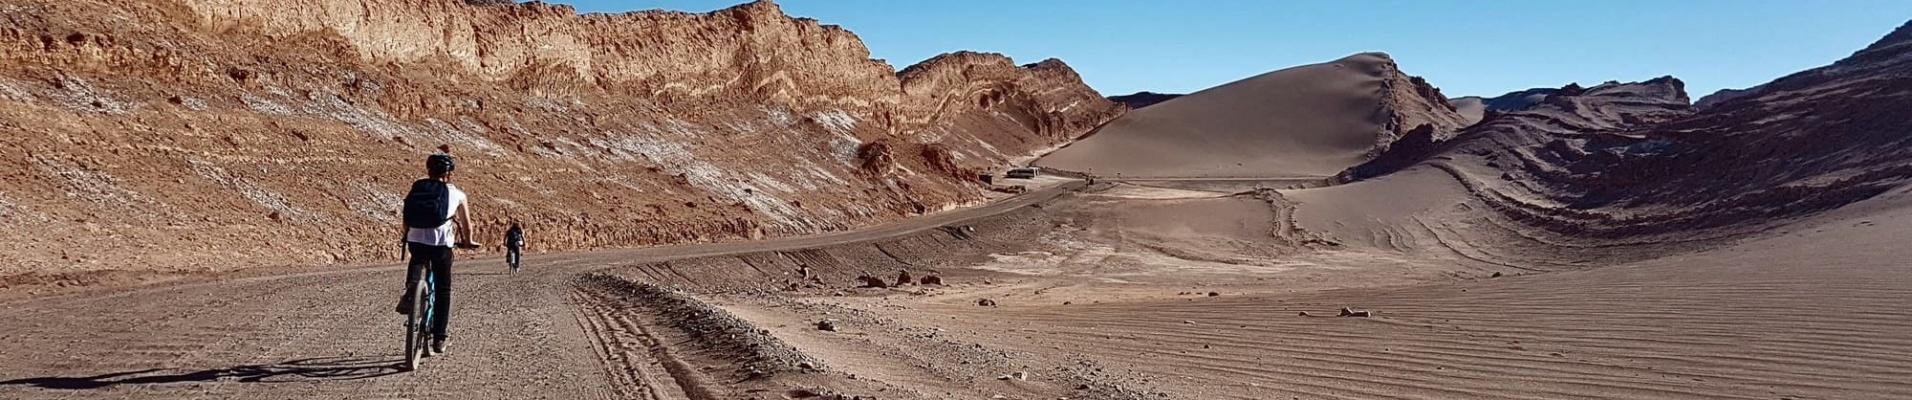 Excursions au Chili : vélo dans le désert d'Atacama, Trek W en Patagonie...